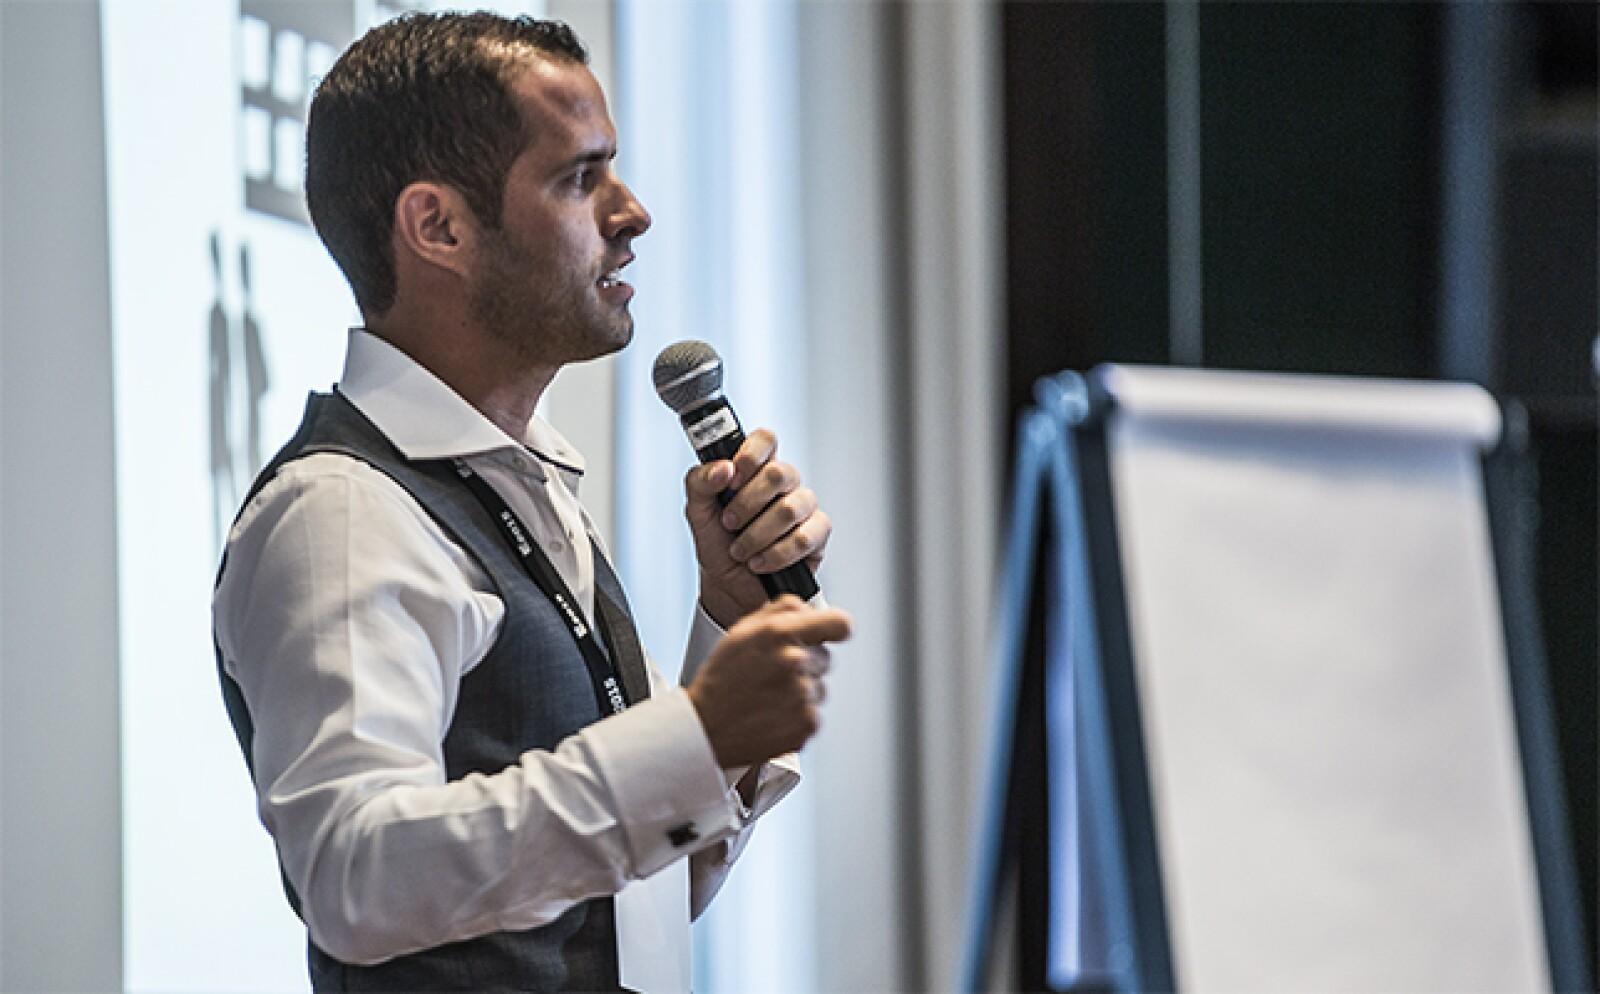 El emprendedor de Lácteos Ticoy, Jorge Arteaga, contó al resto de los finalistas su intención de crear una empresa para poder tener su propio equipo de Nascar y cómo fue que el sueño se desvaneció.